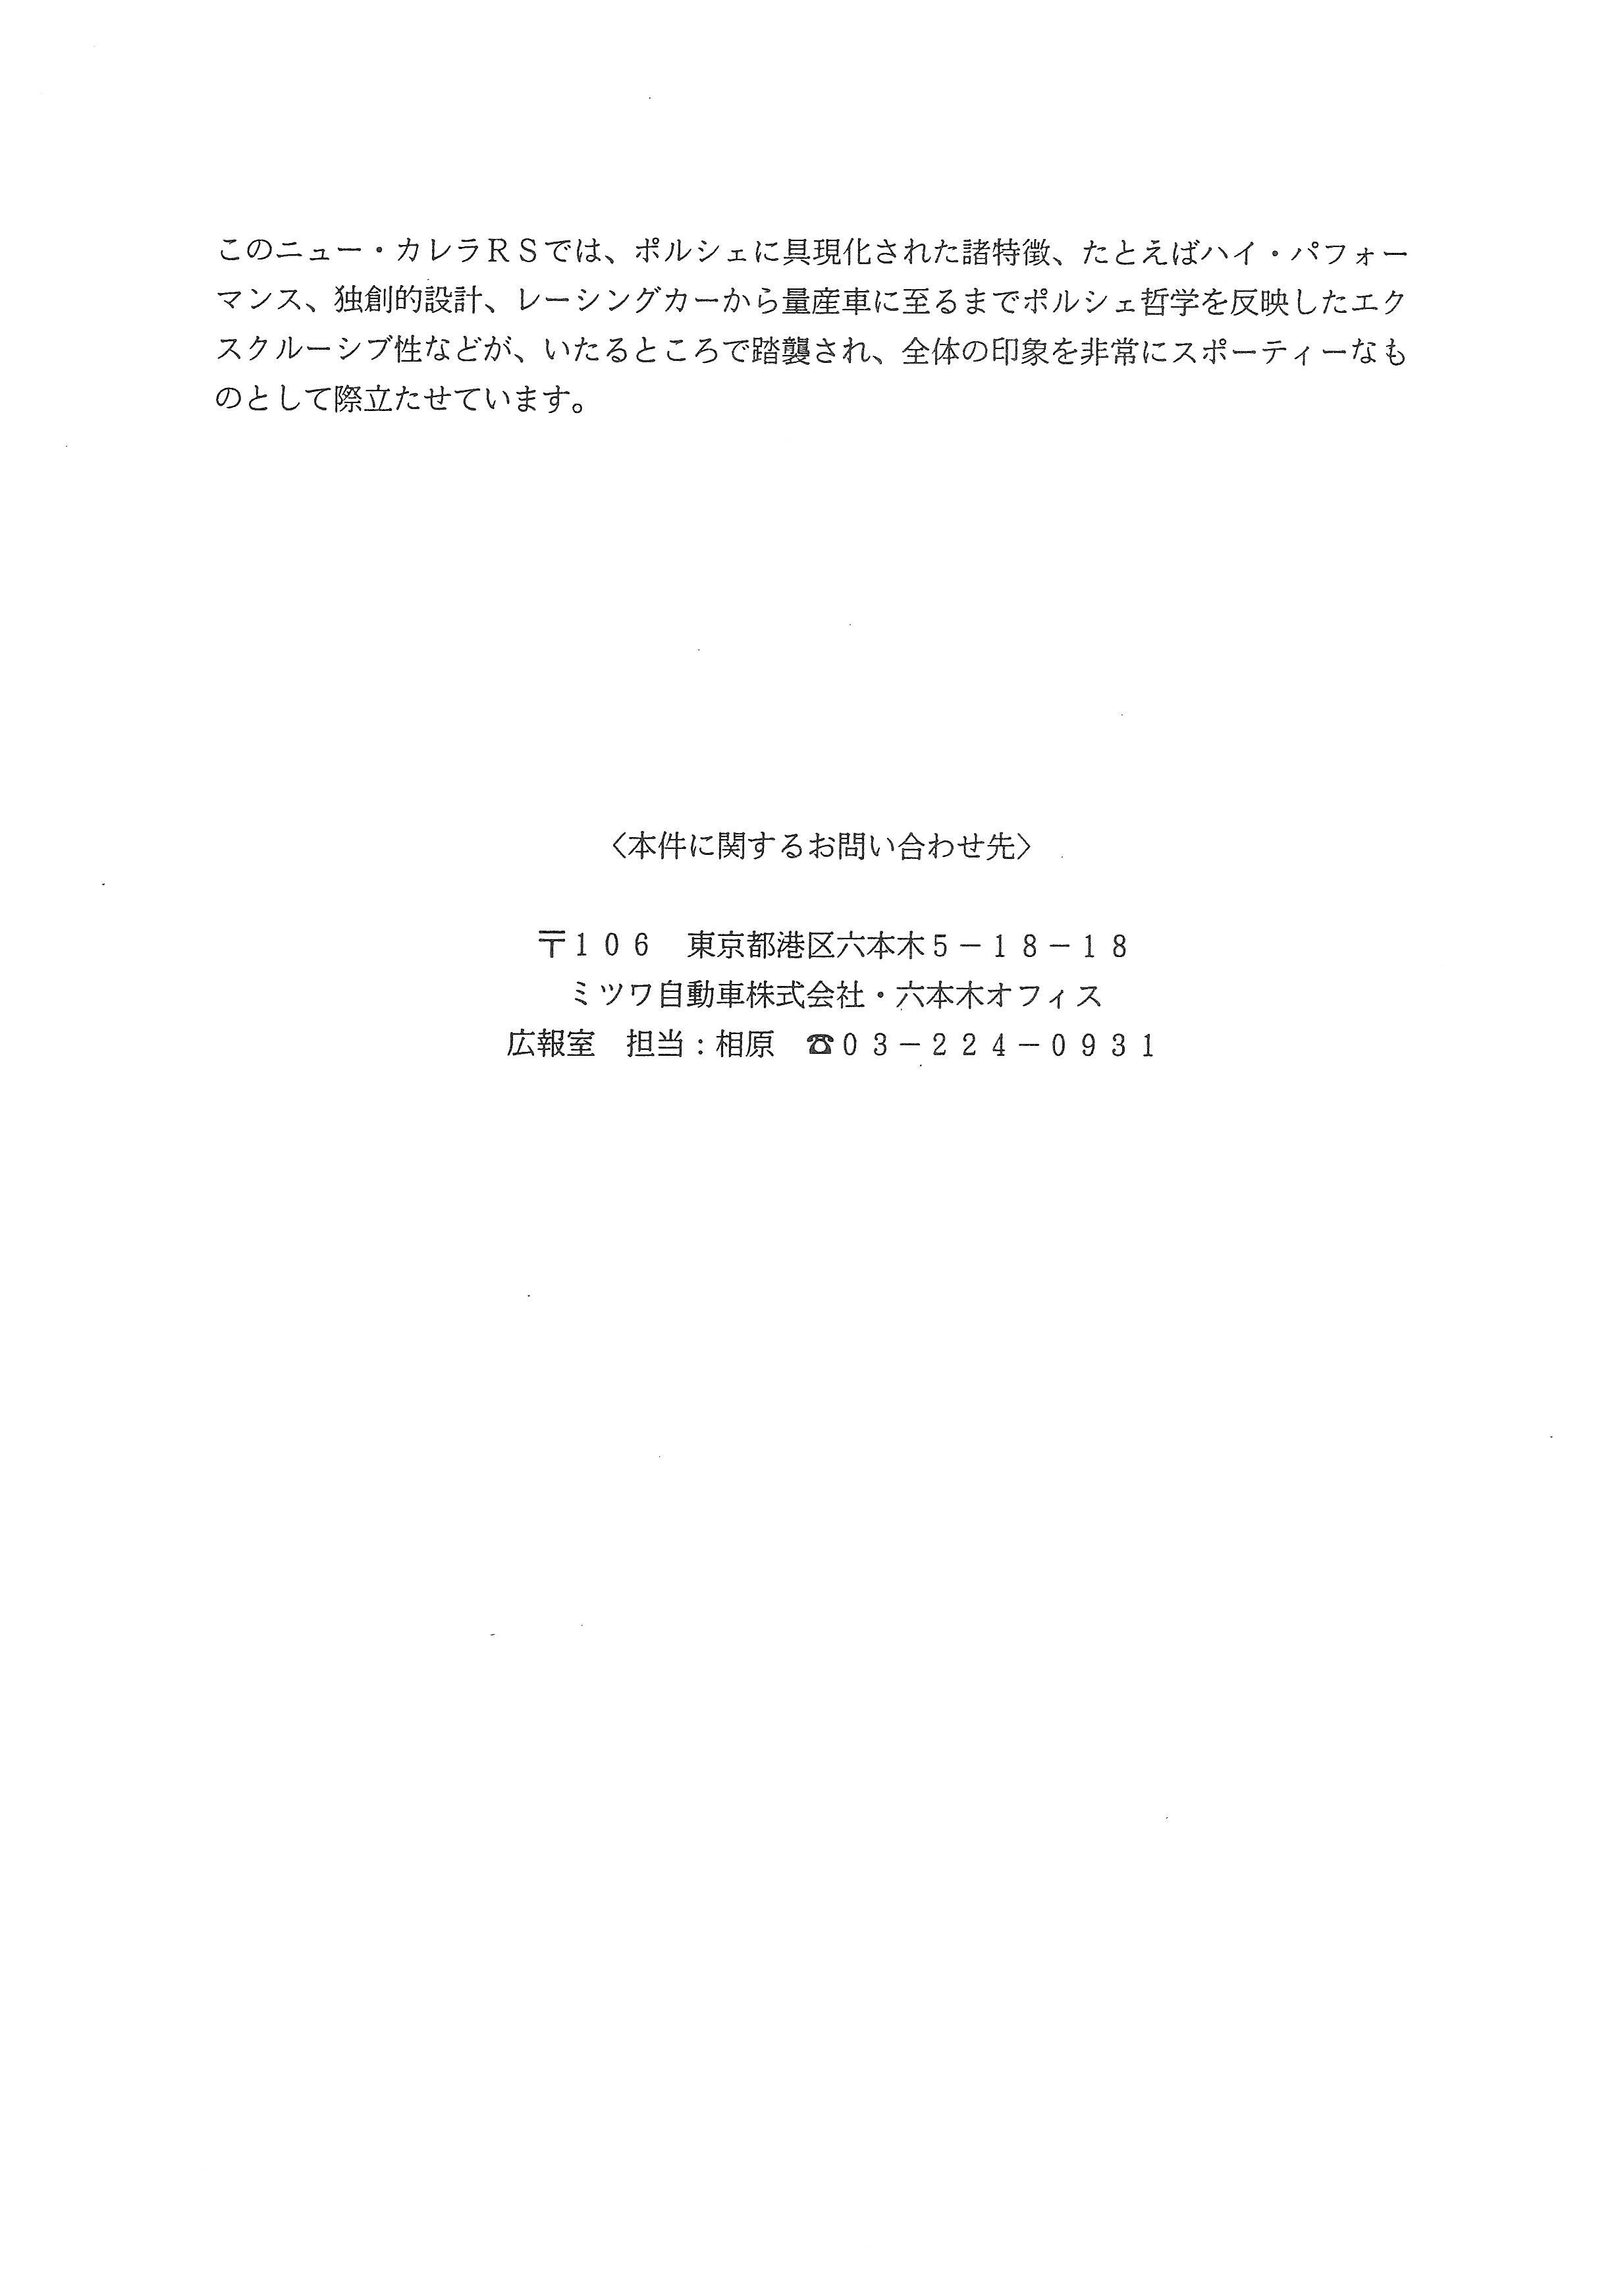 b0075486_1222018.jpg